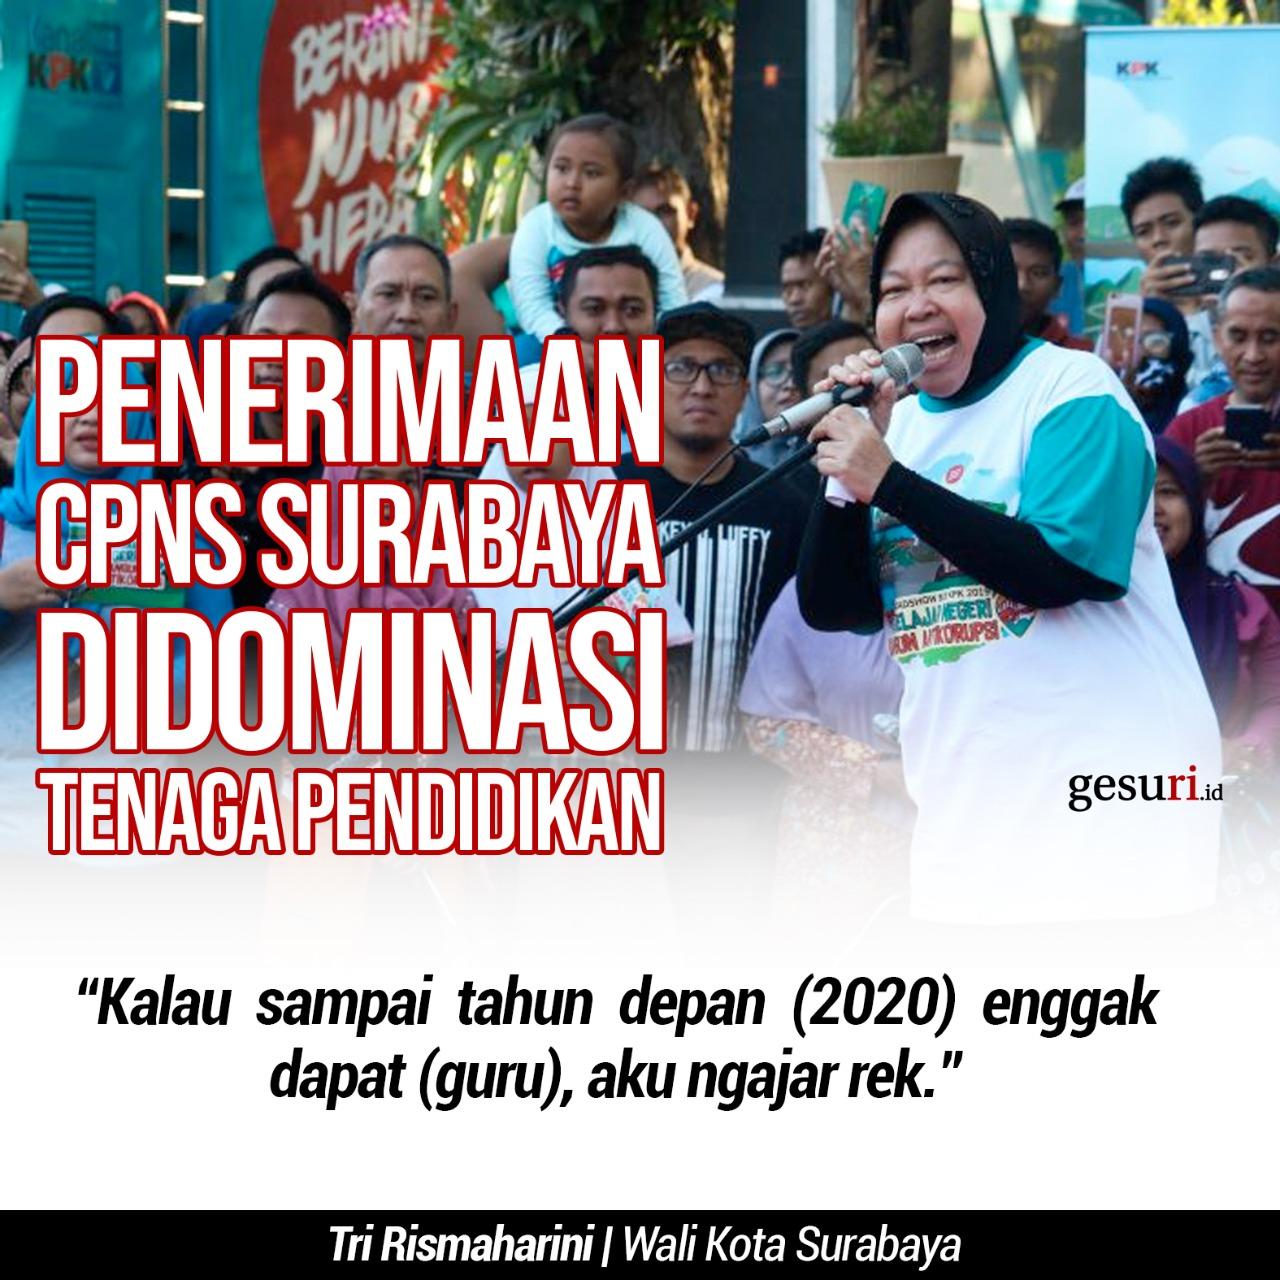 Penerimaan CPNS Surabaya akan Didominasi Tenaga Pendidikan